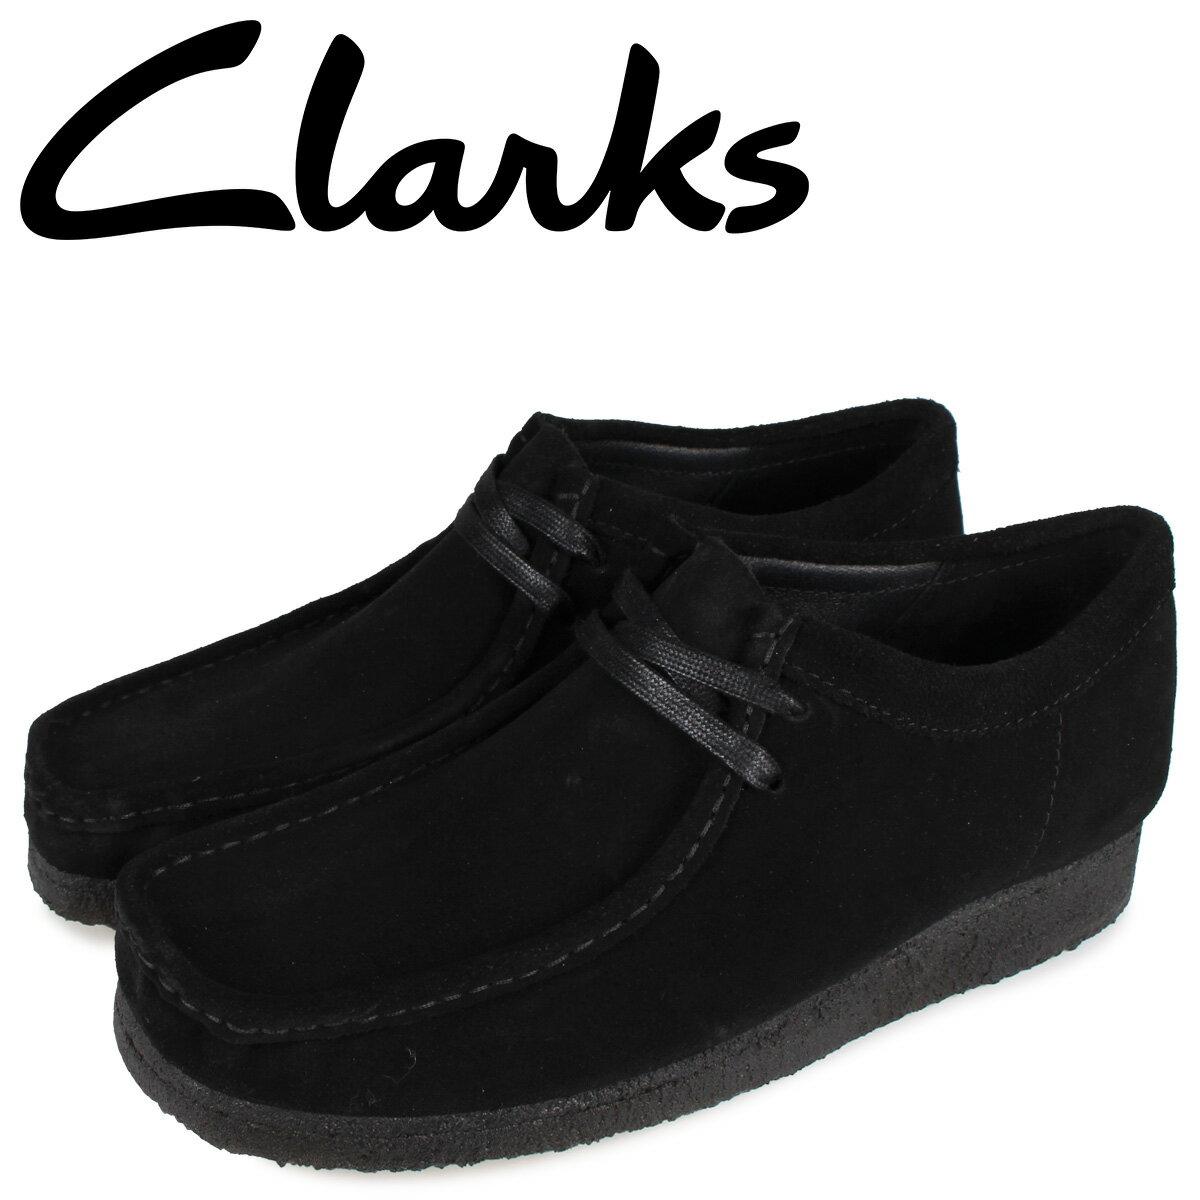 クラークス CLARKS ワラビーブーツ メンズ WALLABEE ブラック 黒 26155519 [10月 新入荷]